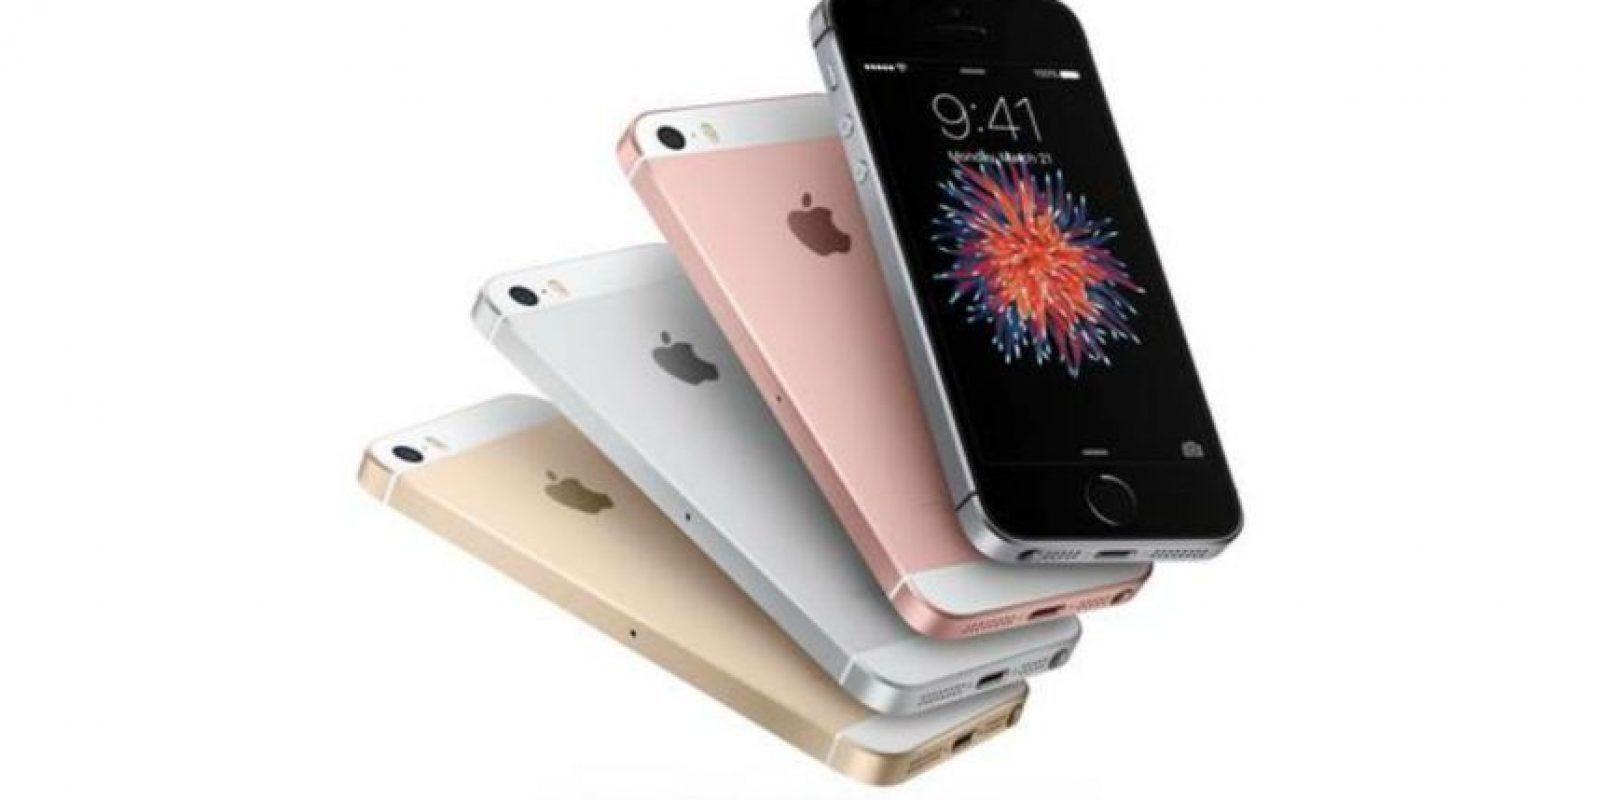 El iPhone SE es el celular más reciente de Apple. Foto:Apple